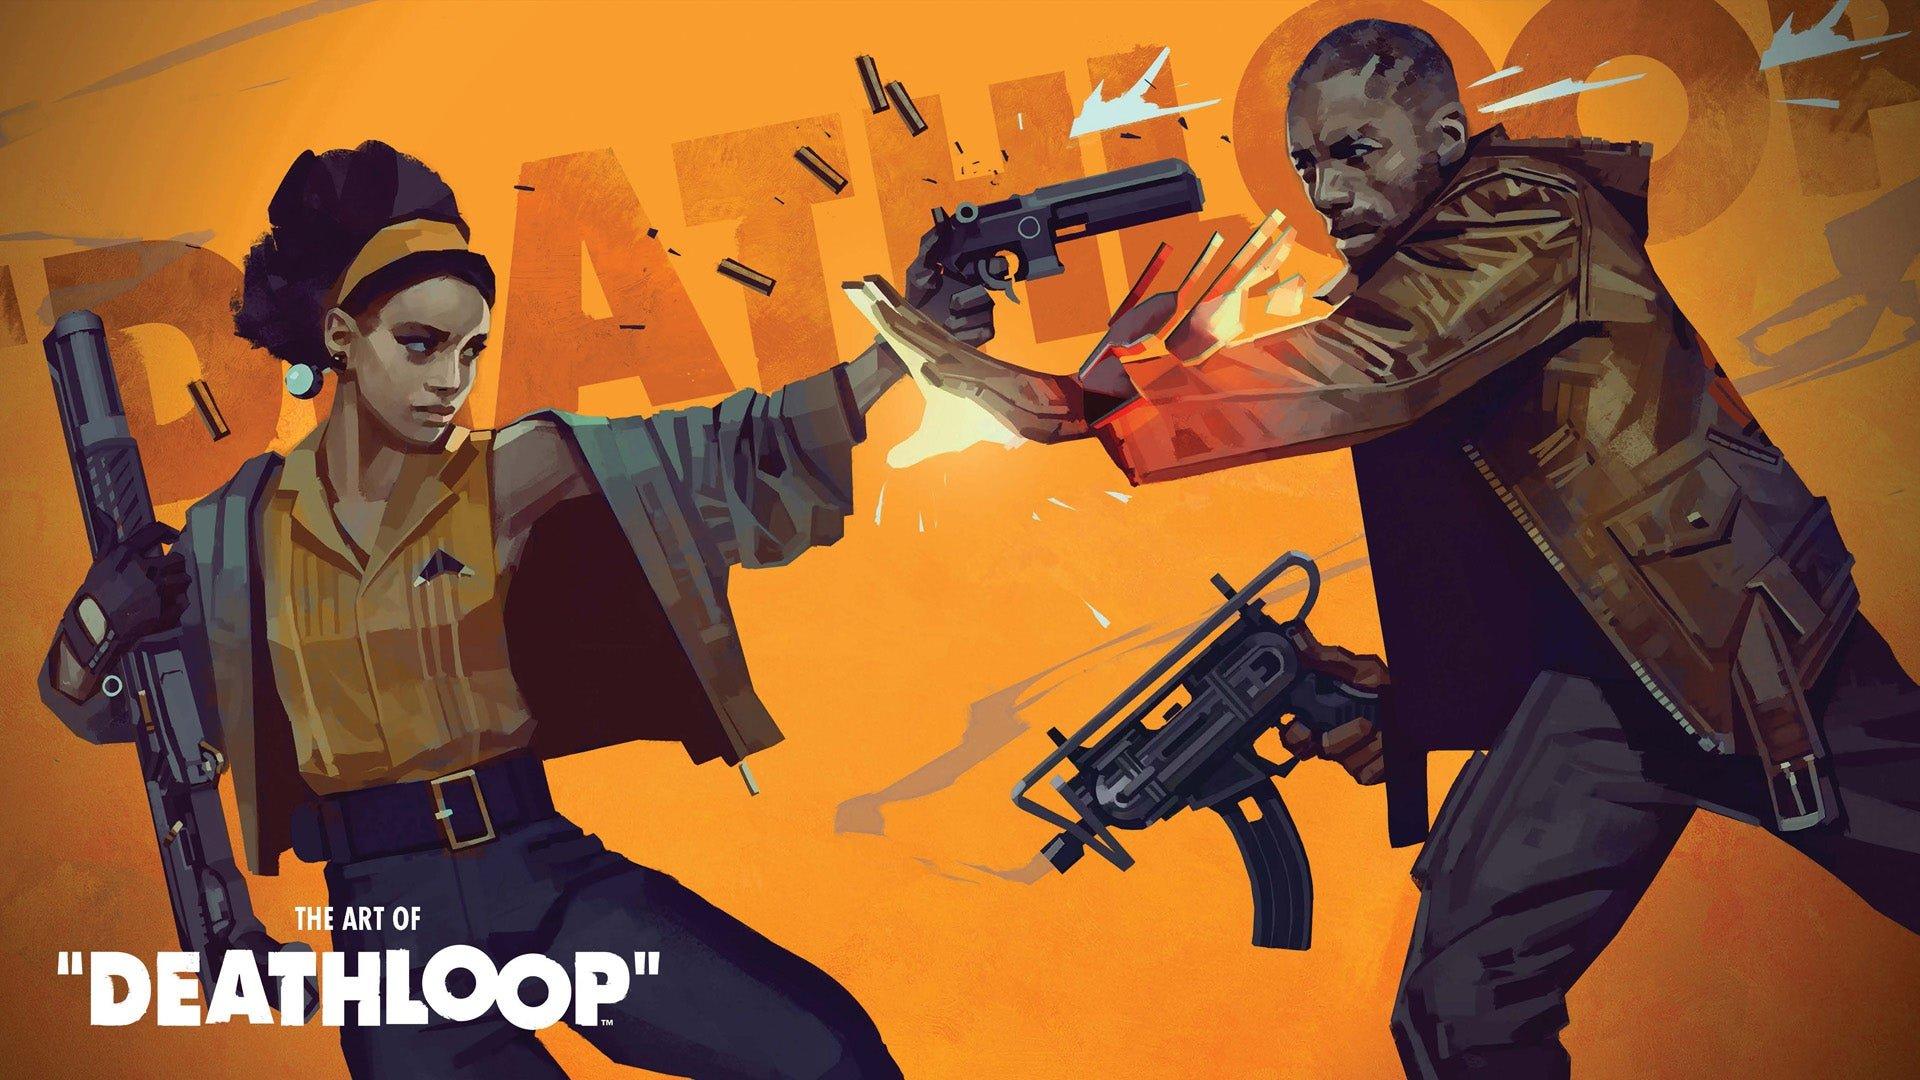 Deathloop, Game Baru dari Dev. Dishonored, Ditunda ke 2021 - Gamebrott.com